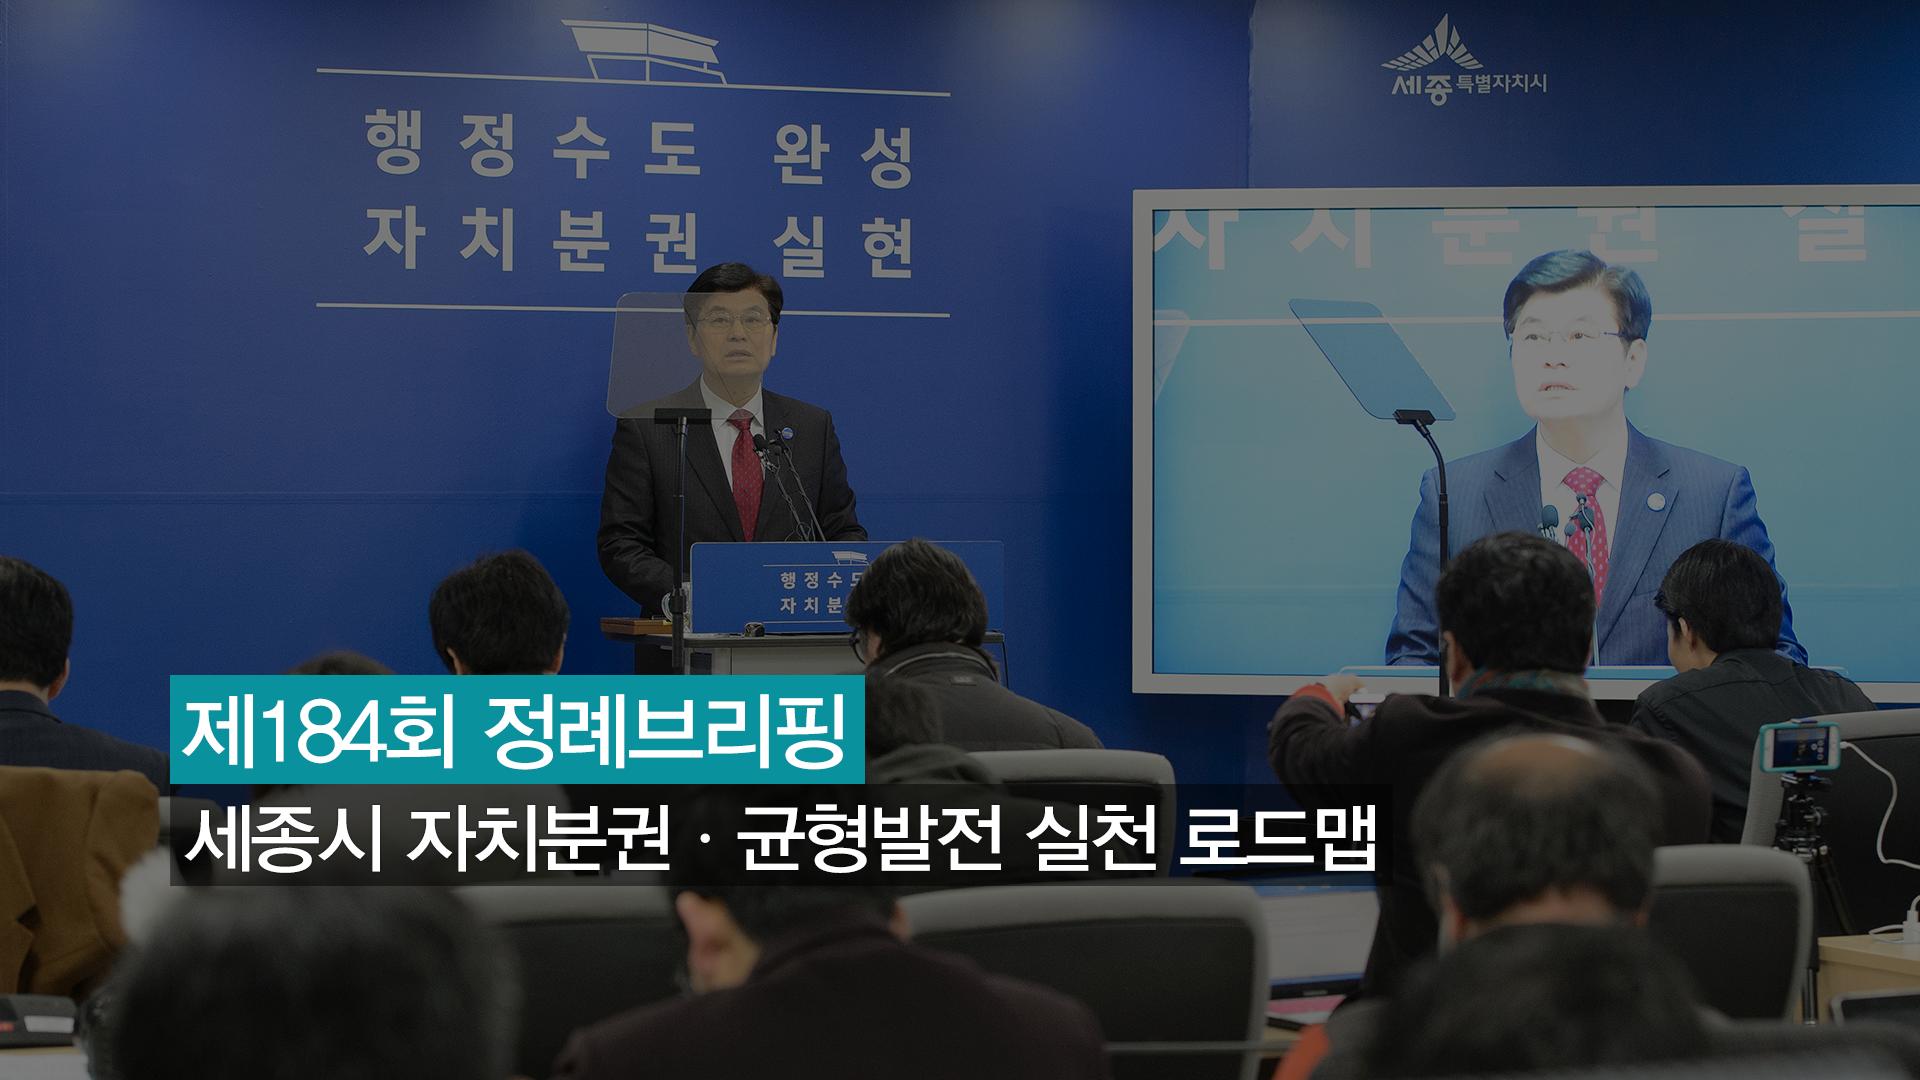 <184번째 정례브리핑>  세종시 자치분권ㆍ균형발전 실천 로드맵